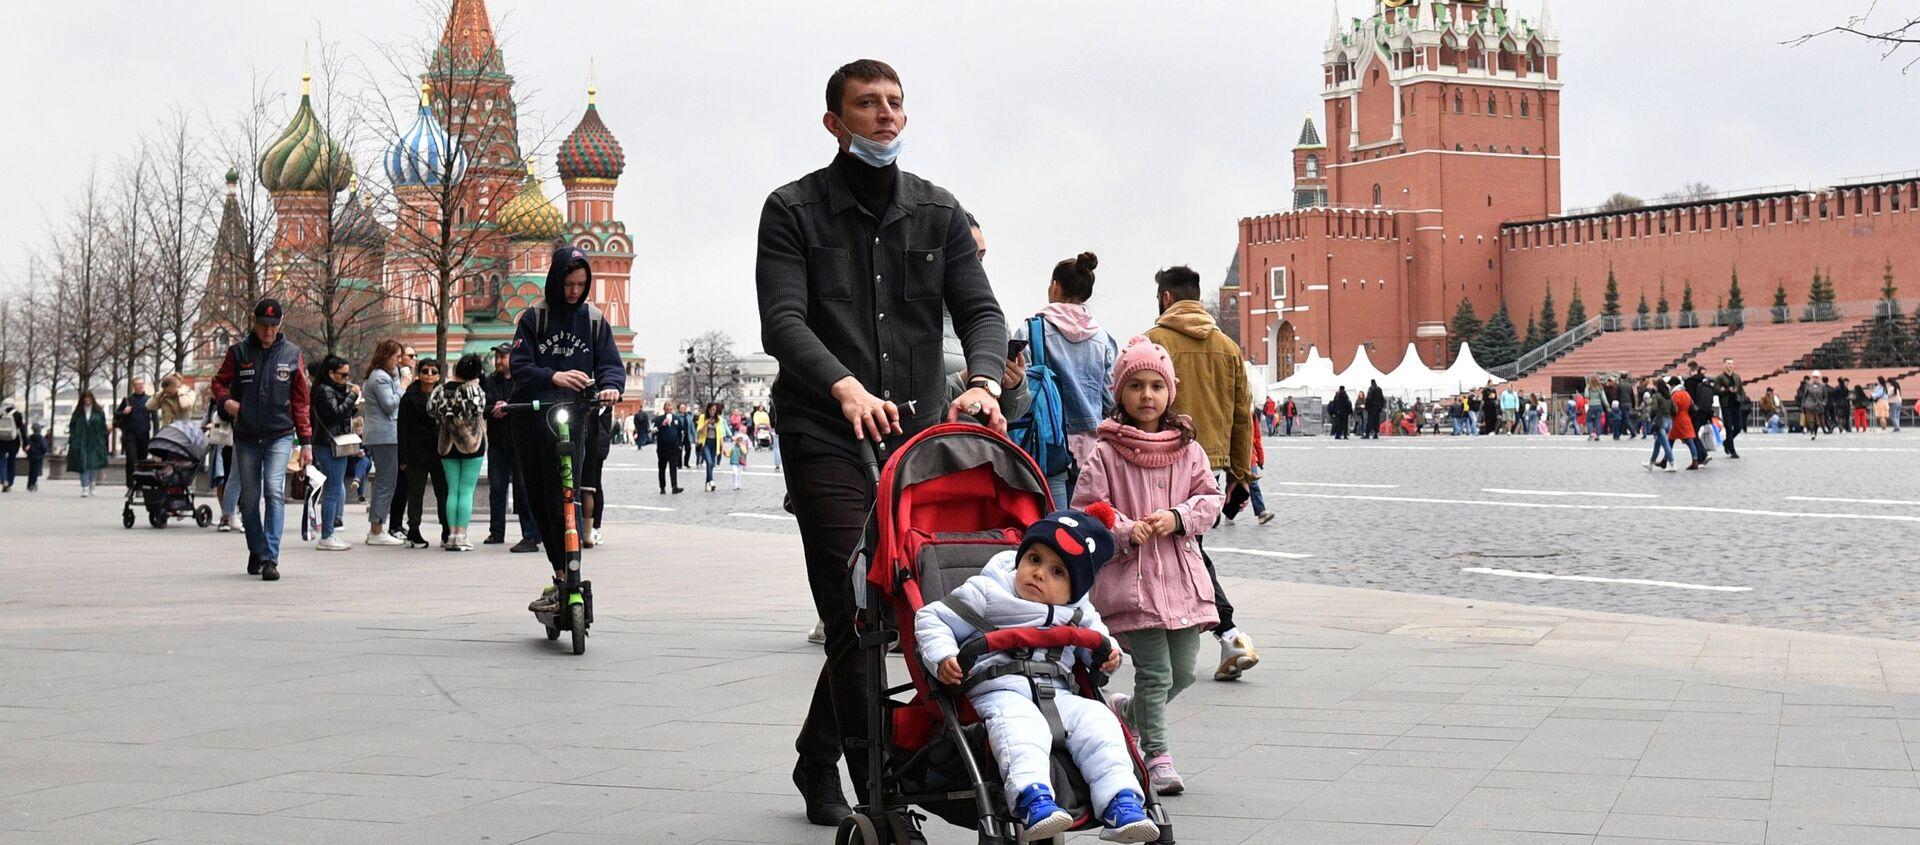 Люди на Красной площади в Москве. - Sputnik Абхазия, 1920, 20.05.2021